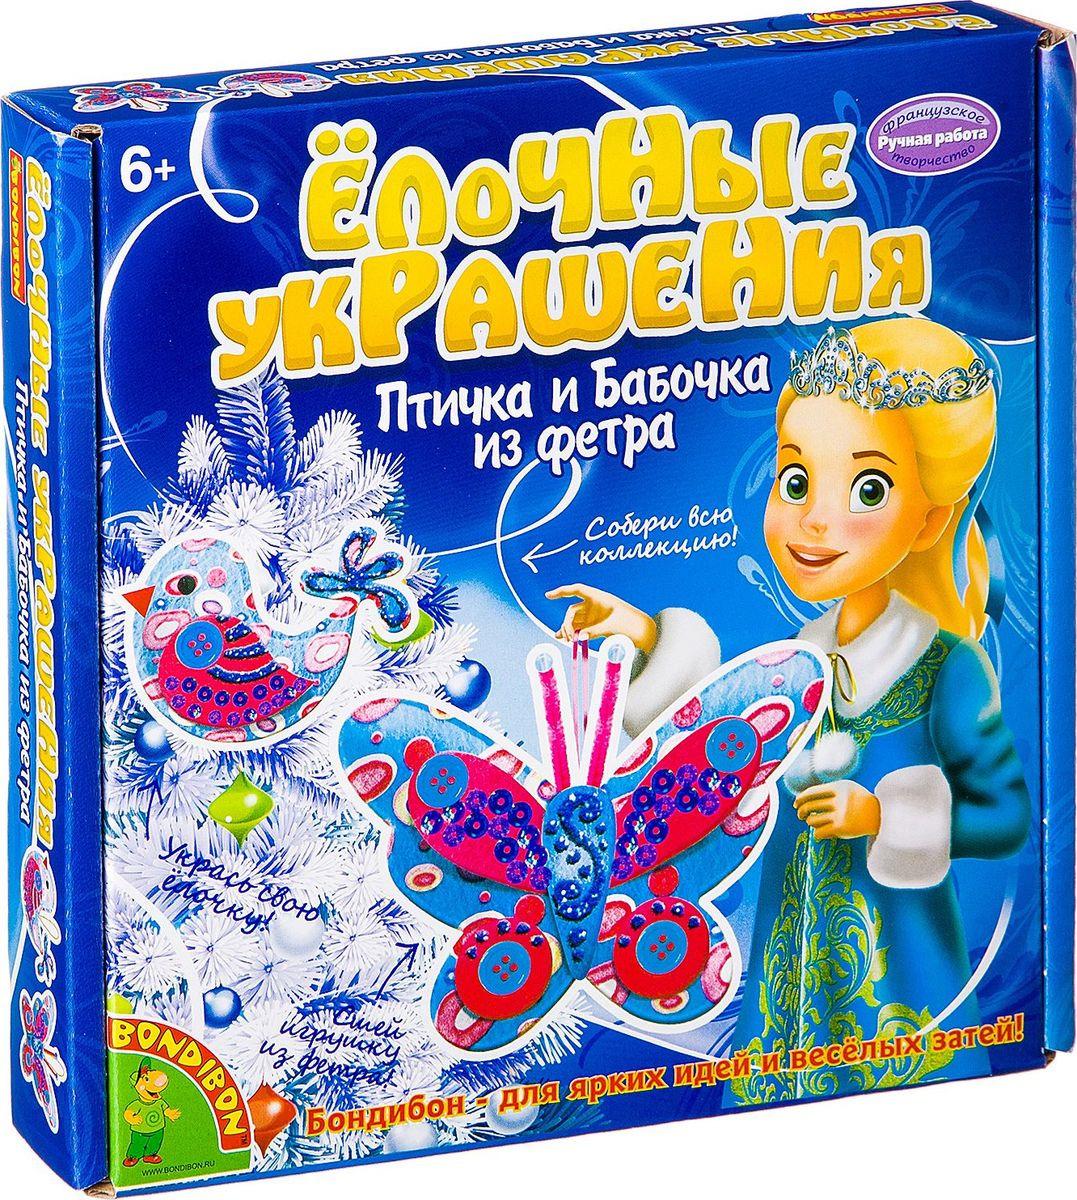 Набор для изготовления игрушек Bondibon Елочные украшения из фетра. Птичка и бабочка